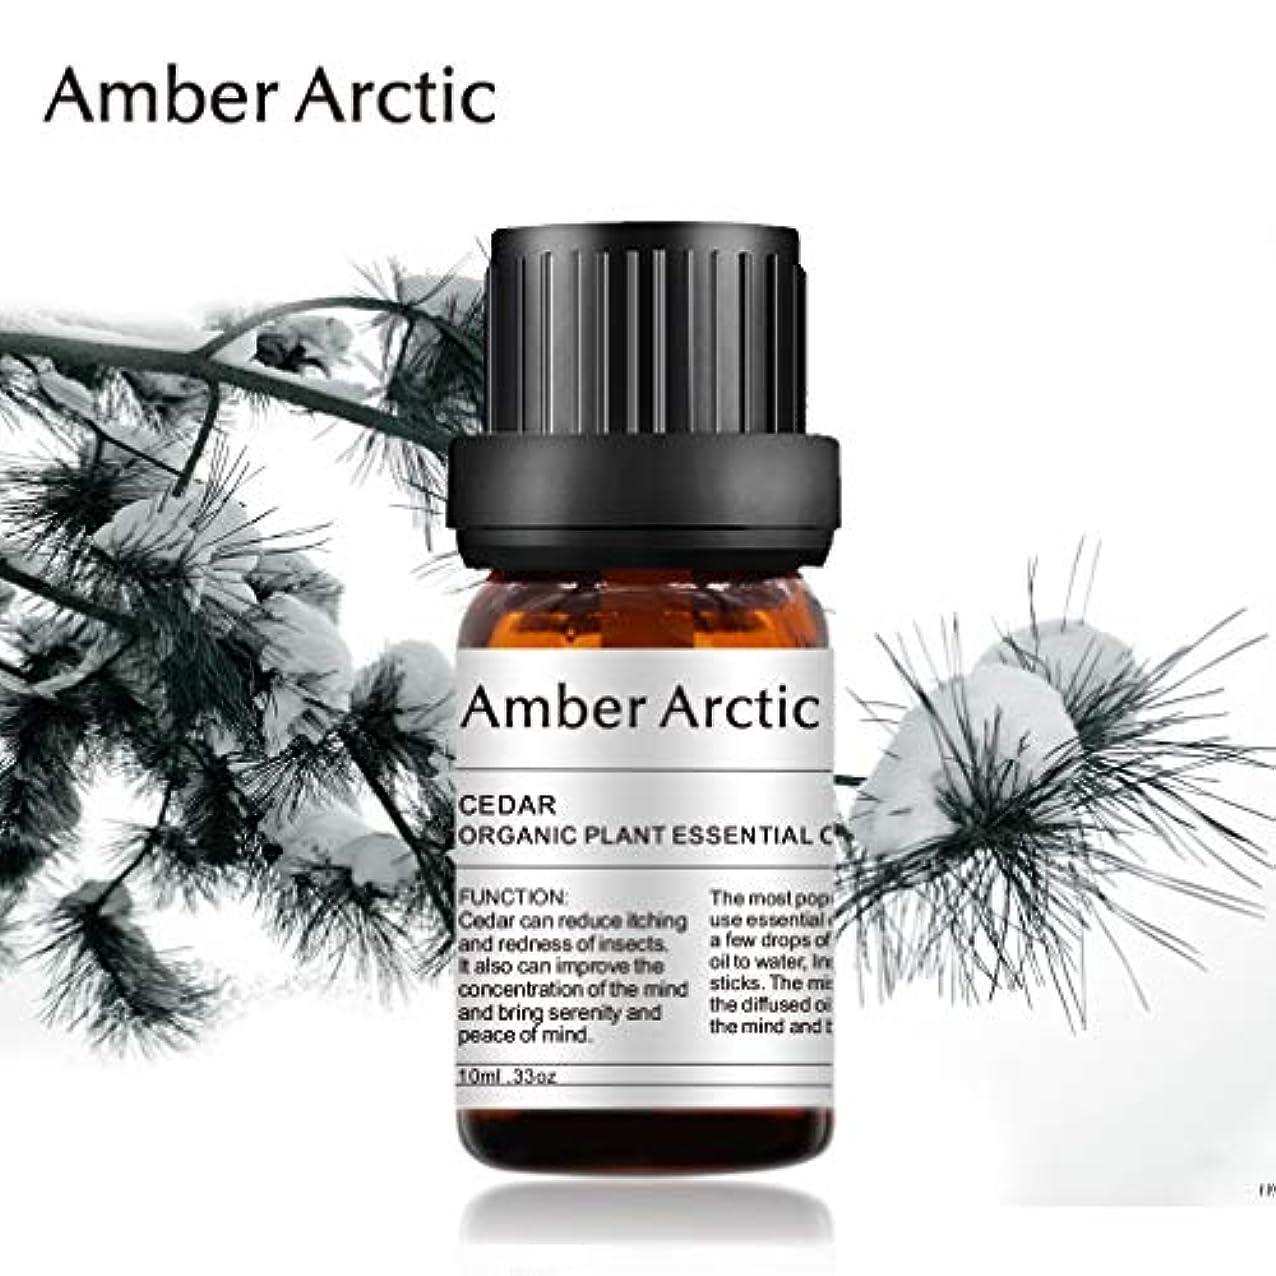 社会科シール弁護士AMBER ARCTIC エッセンシャル オイル ディフューザー 用 100% ピュア フレッシュ 有機 植物 療法 オイル 0.33 オンス 10ML パイン